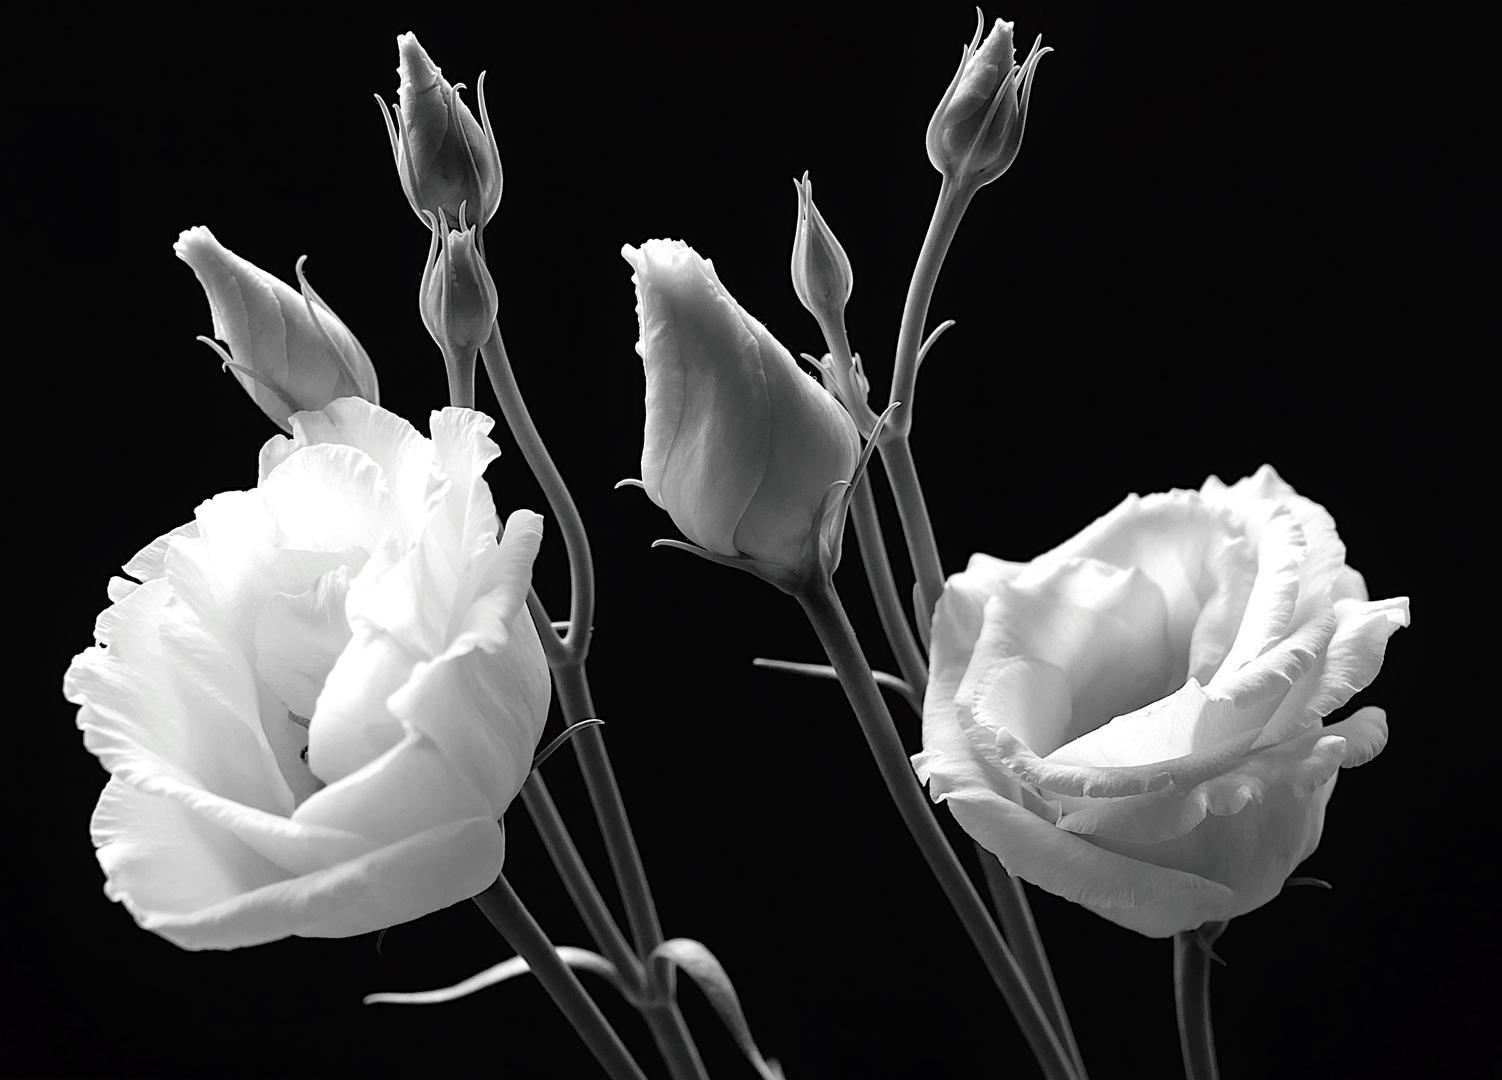 © Венди Б., Фотоконкурс «В чёрно-белом» от PDN